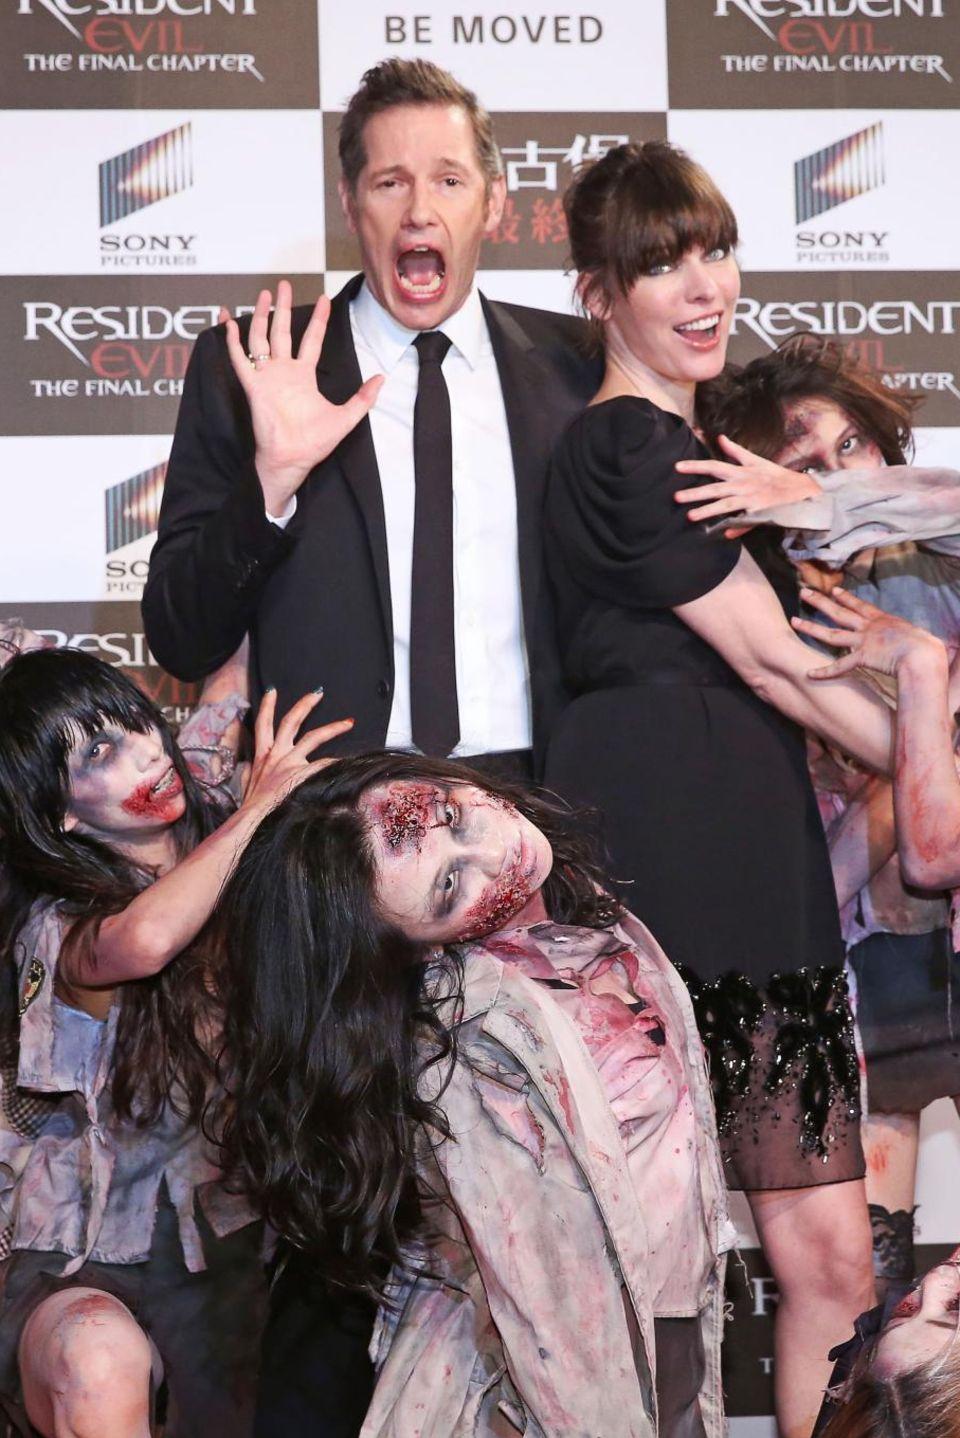 """16. Januar 2017: Zur Filmpremiere von """"Resident Evel: The Final Chapter"""" sind Regiseur Paul William Anderson und Hauptdarstellerin Milla Jovovich umzingelt von Untoten. Das Paar ist seit acht Jahren verheiratet, sie haben zwei Kinder."""